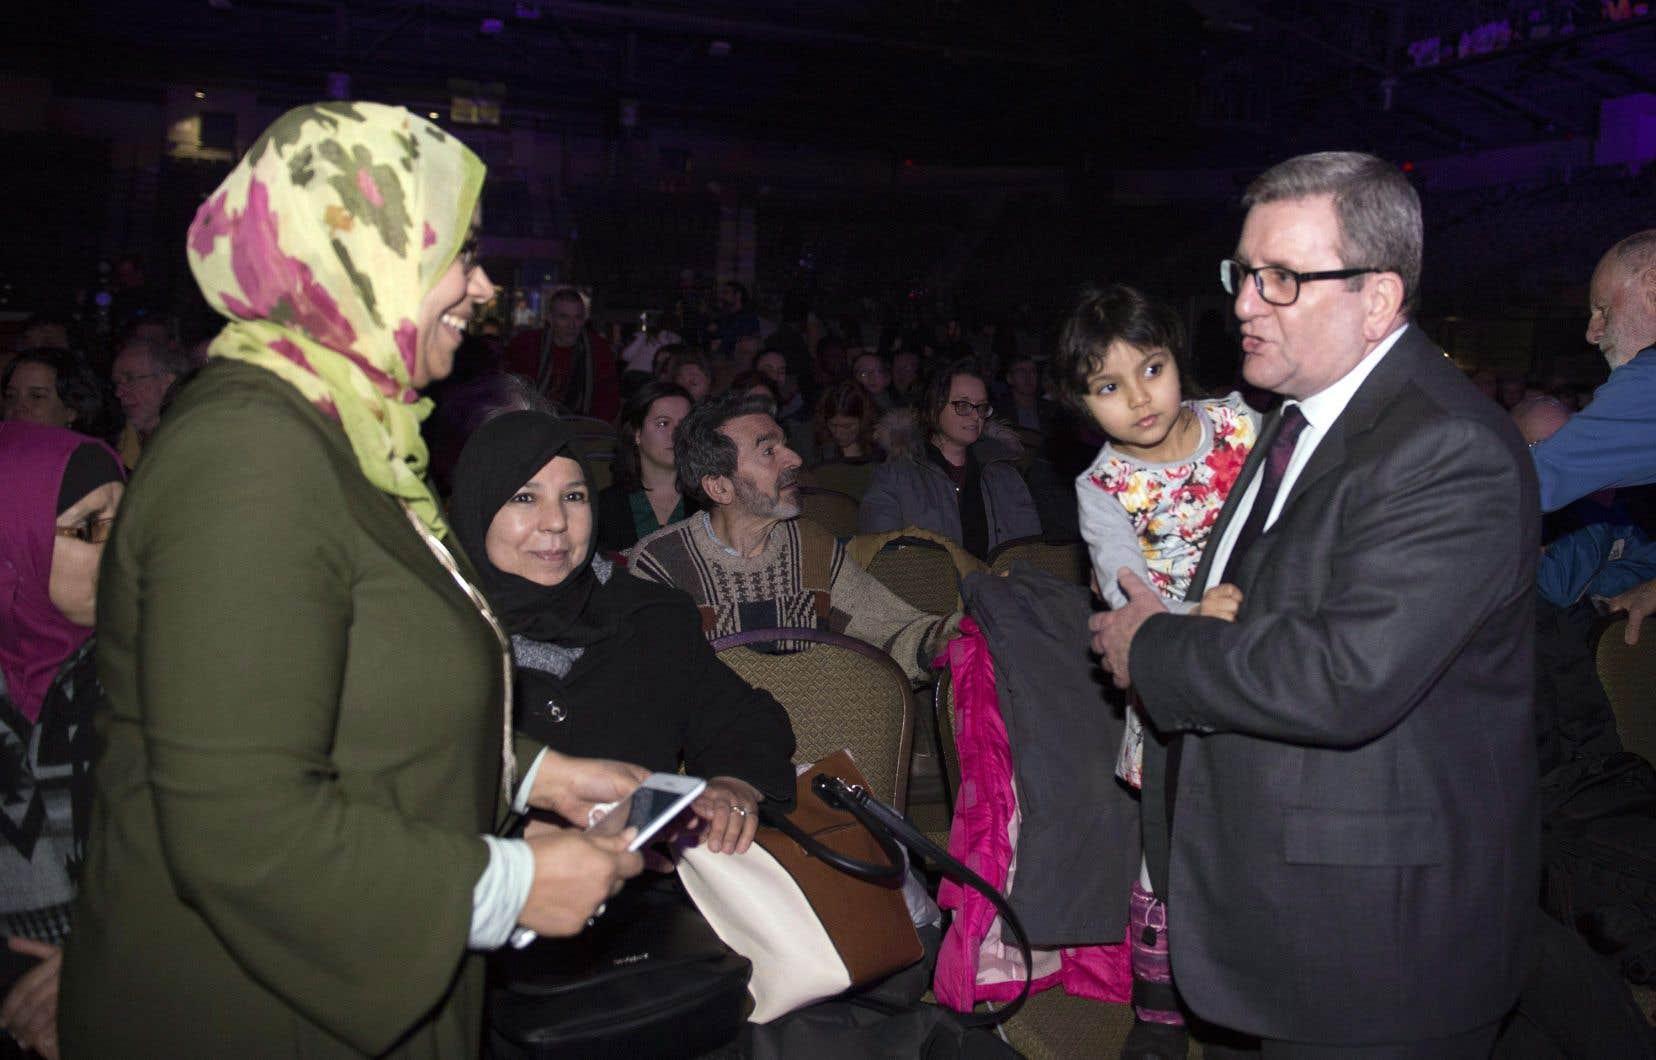 Le maire de Québec, Régis Labeaume, tient un enfant à un rassemblement organisé au Pavillon de la jeunesse pour souligner le premier anniversaire de l'attentat de la grande mosquée de Québec.